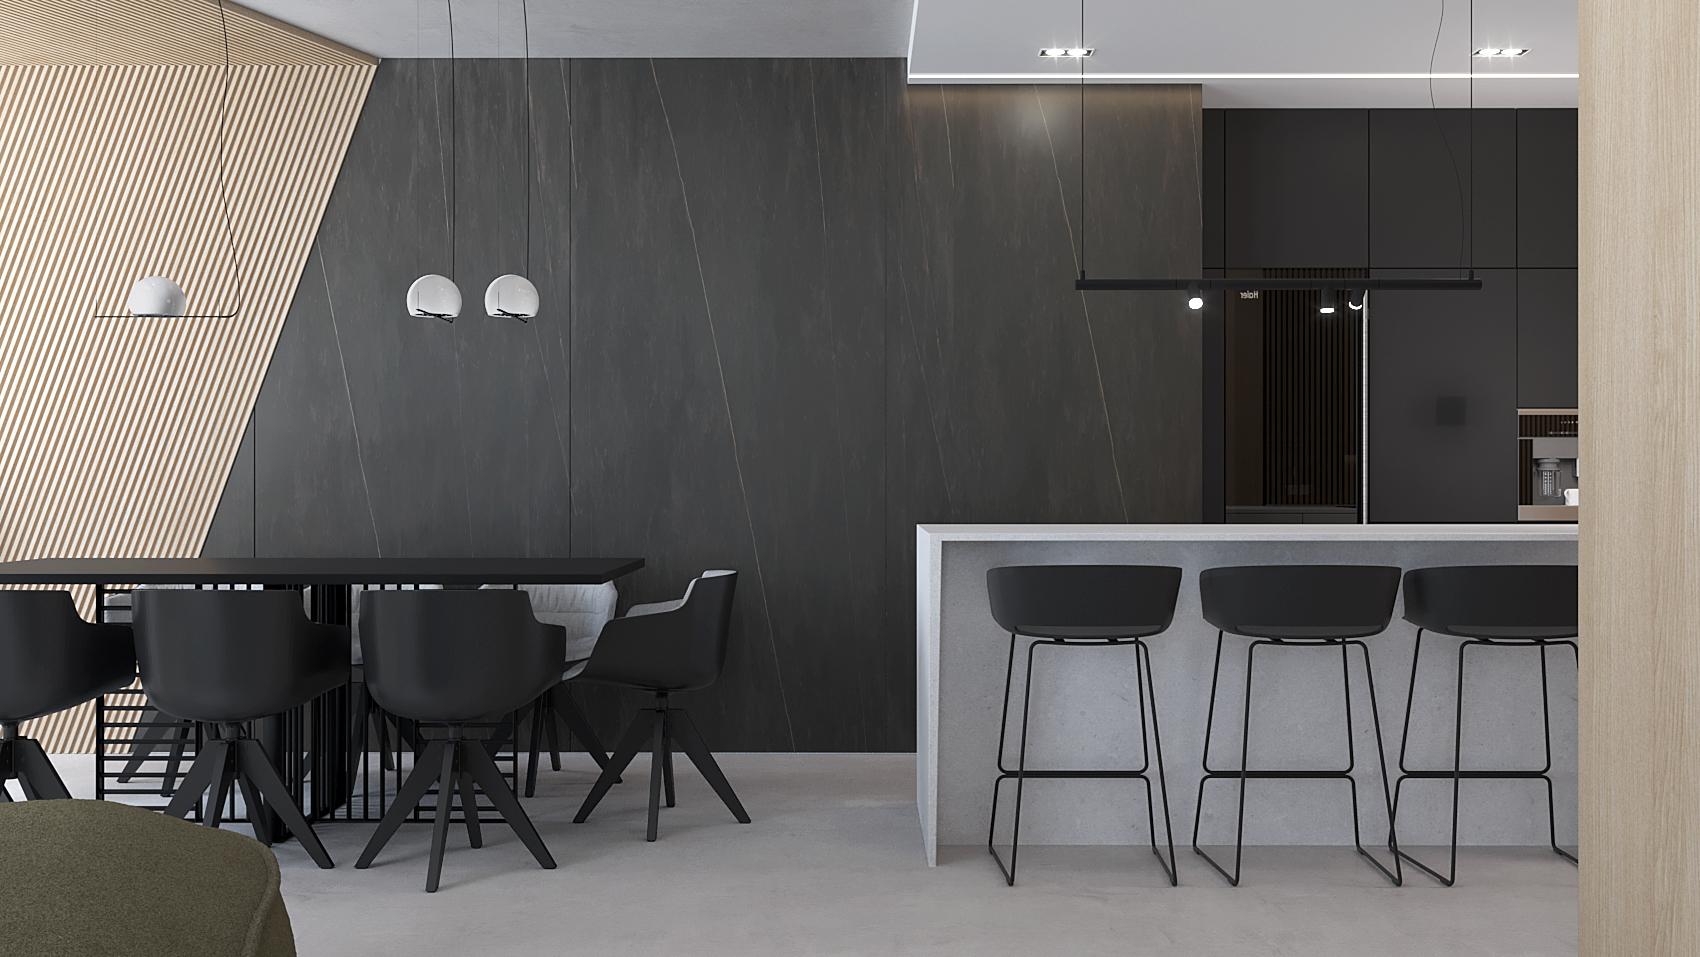 5 projket wnetrza M558 kuchnia z jadalnia czarne spieki kwarcowe lamele na scienie i suficie czarny stol biala wyspa kuchenna